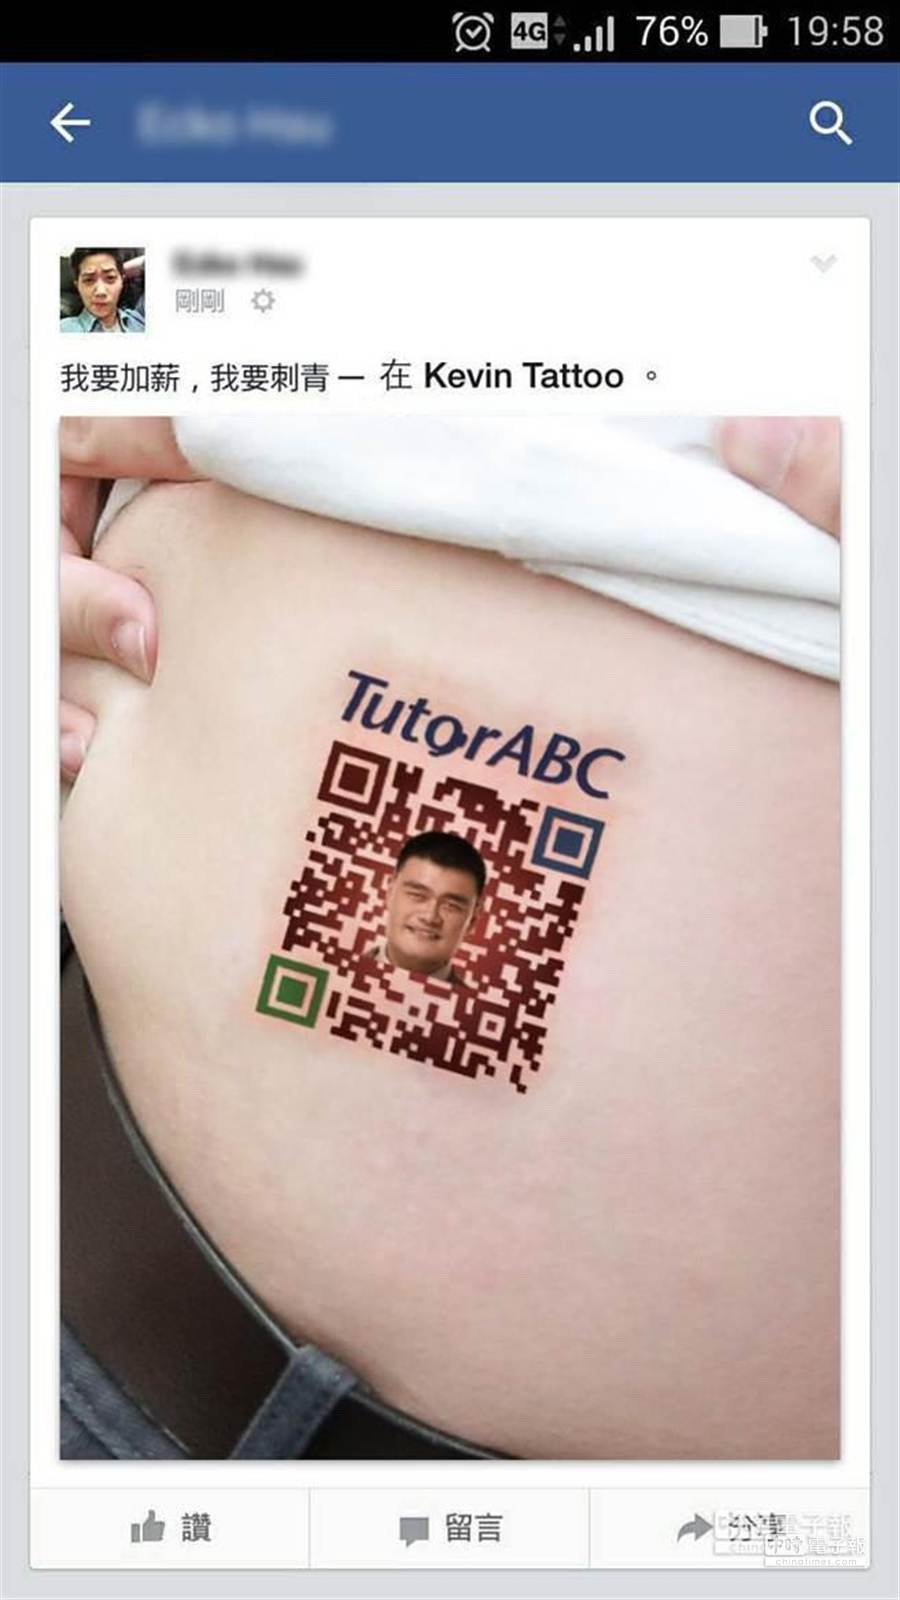 線上英語教學機構TutorABC昨日聲稱員工將公司QR Code刺青在身上,將終身僱用永不辭退,結果是愚人節笑話,引起媒體強烈抗議。(TutorABC提供)